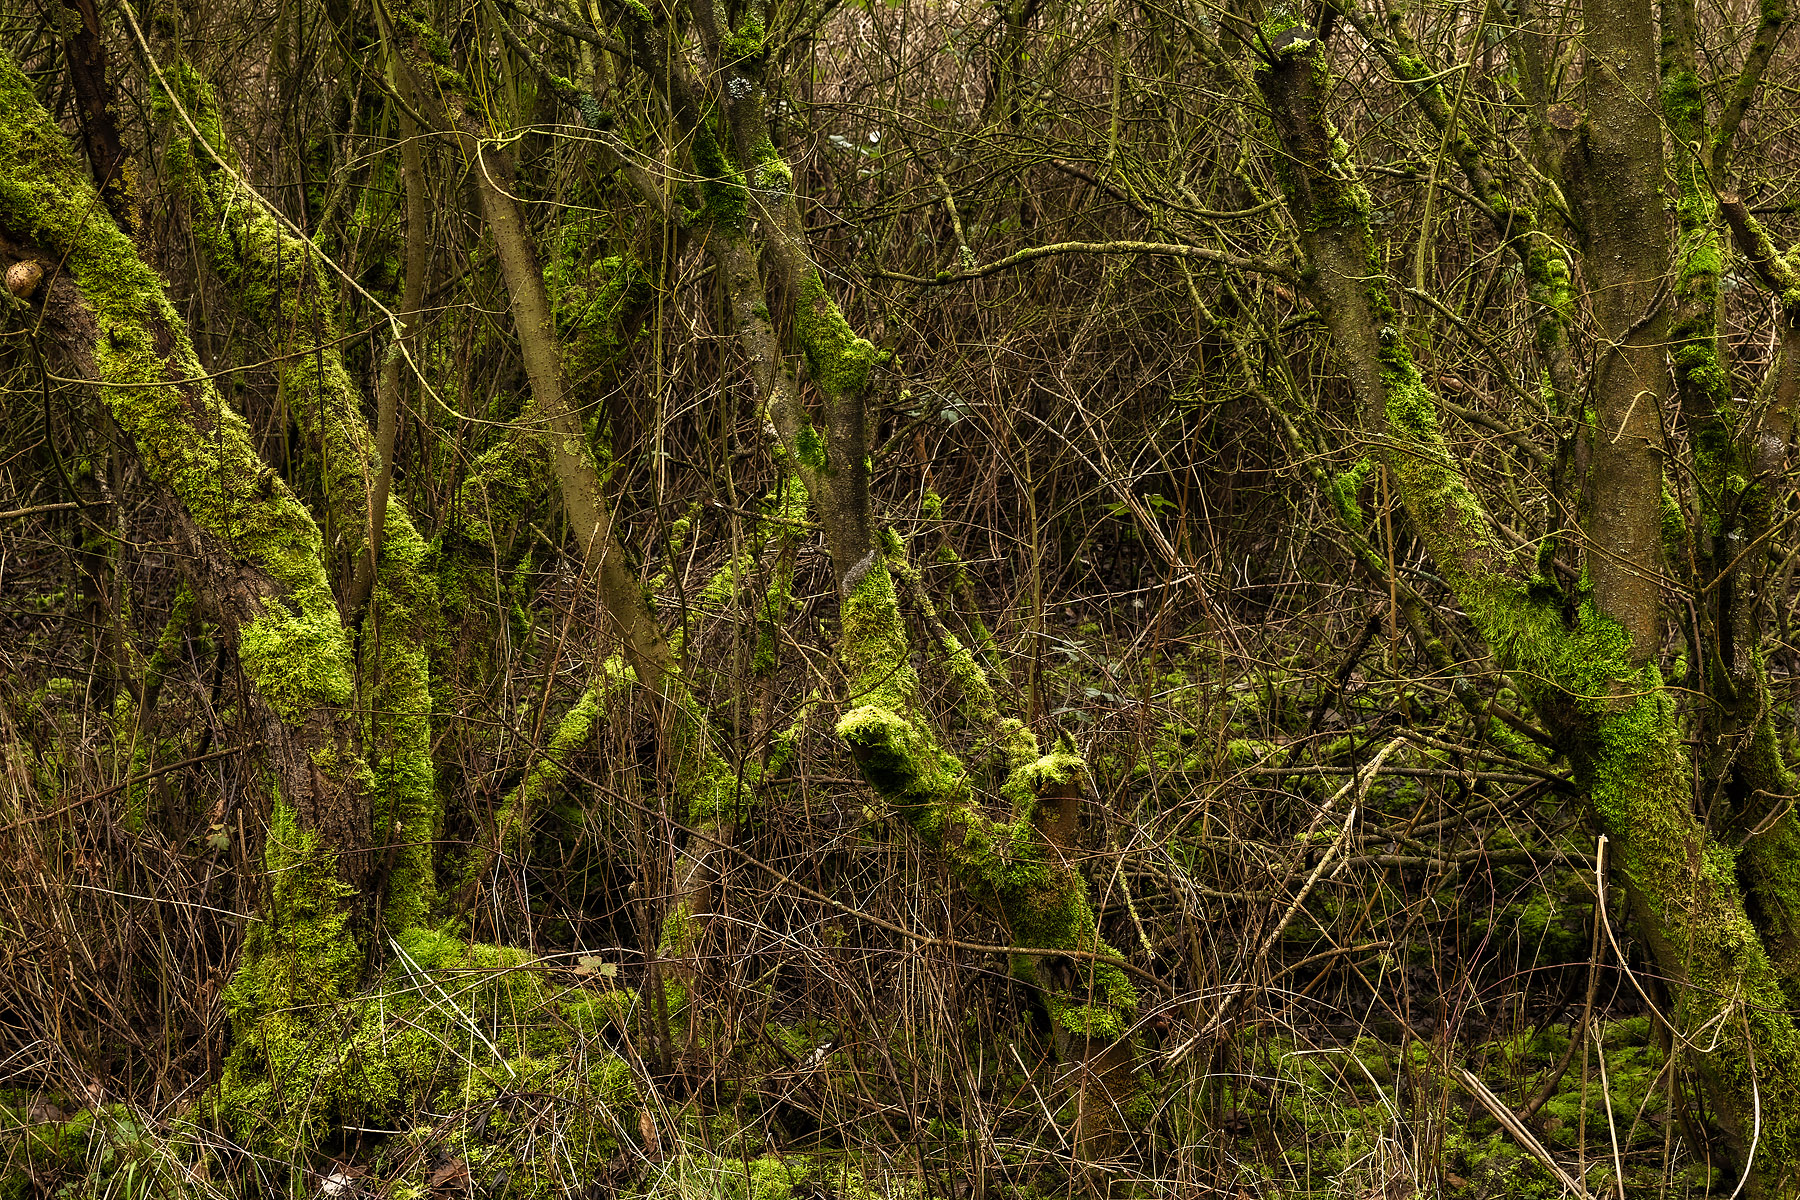 landschapsfotografie, landschapsfotografie in het provinciedomein Zeebos, Kijkhut in het Provinciedomein Zeebos - Blankenberge, West-Vlaams landschapsfotograaf Glenn Vanderbeke, birdwatching in Blankenberge, vogelspotten in Blankenberge